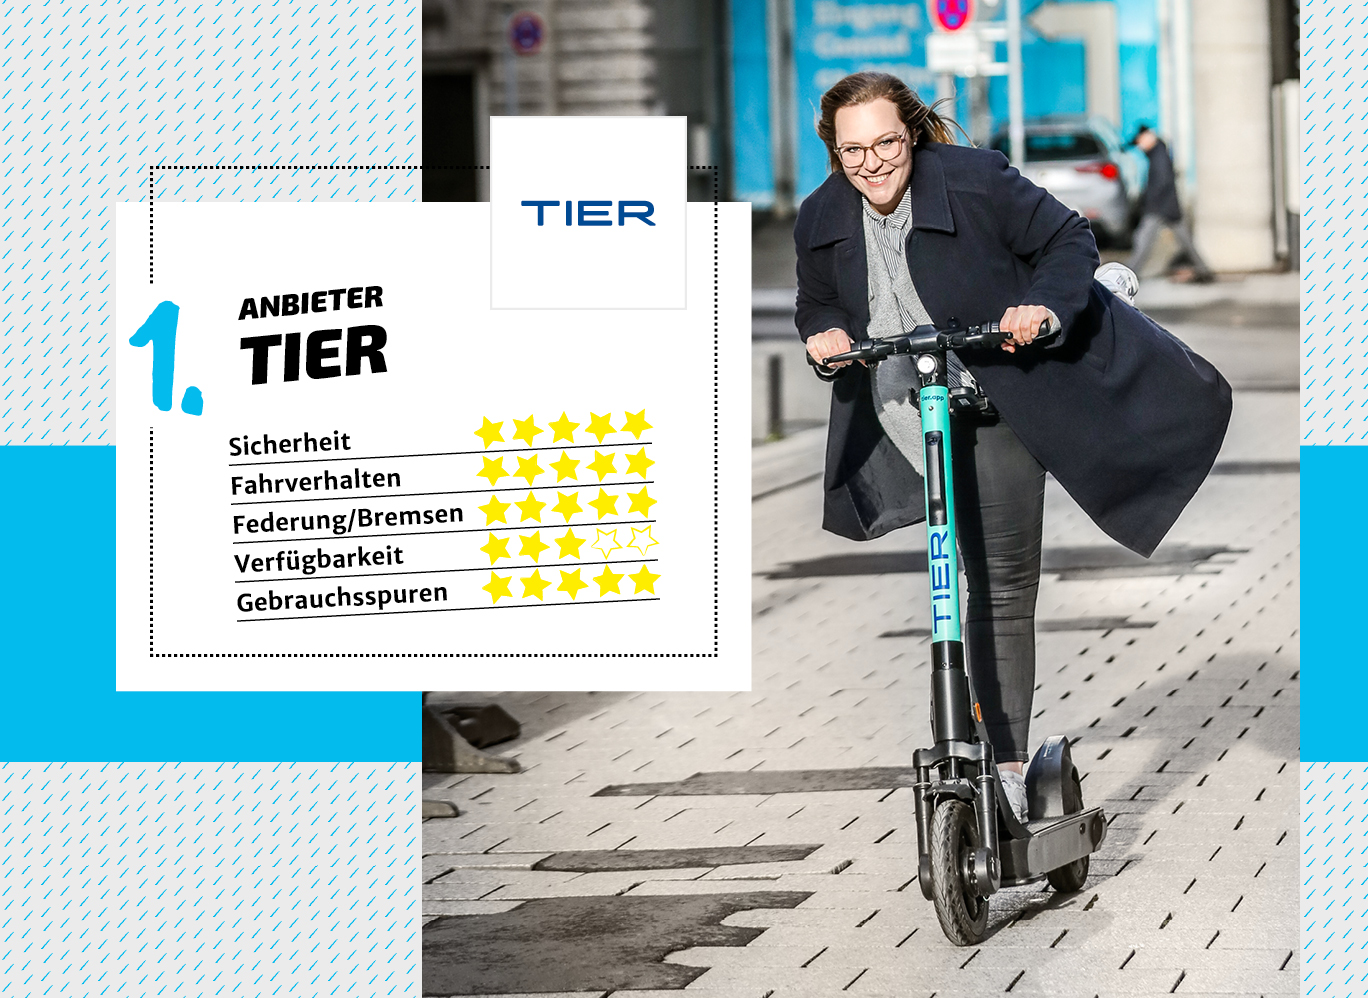 Bewertung: E-Scooter-Anbieter Tier